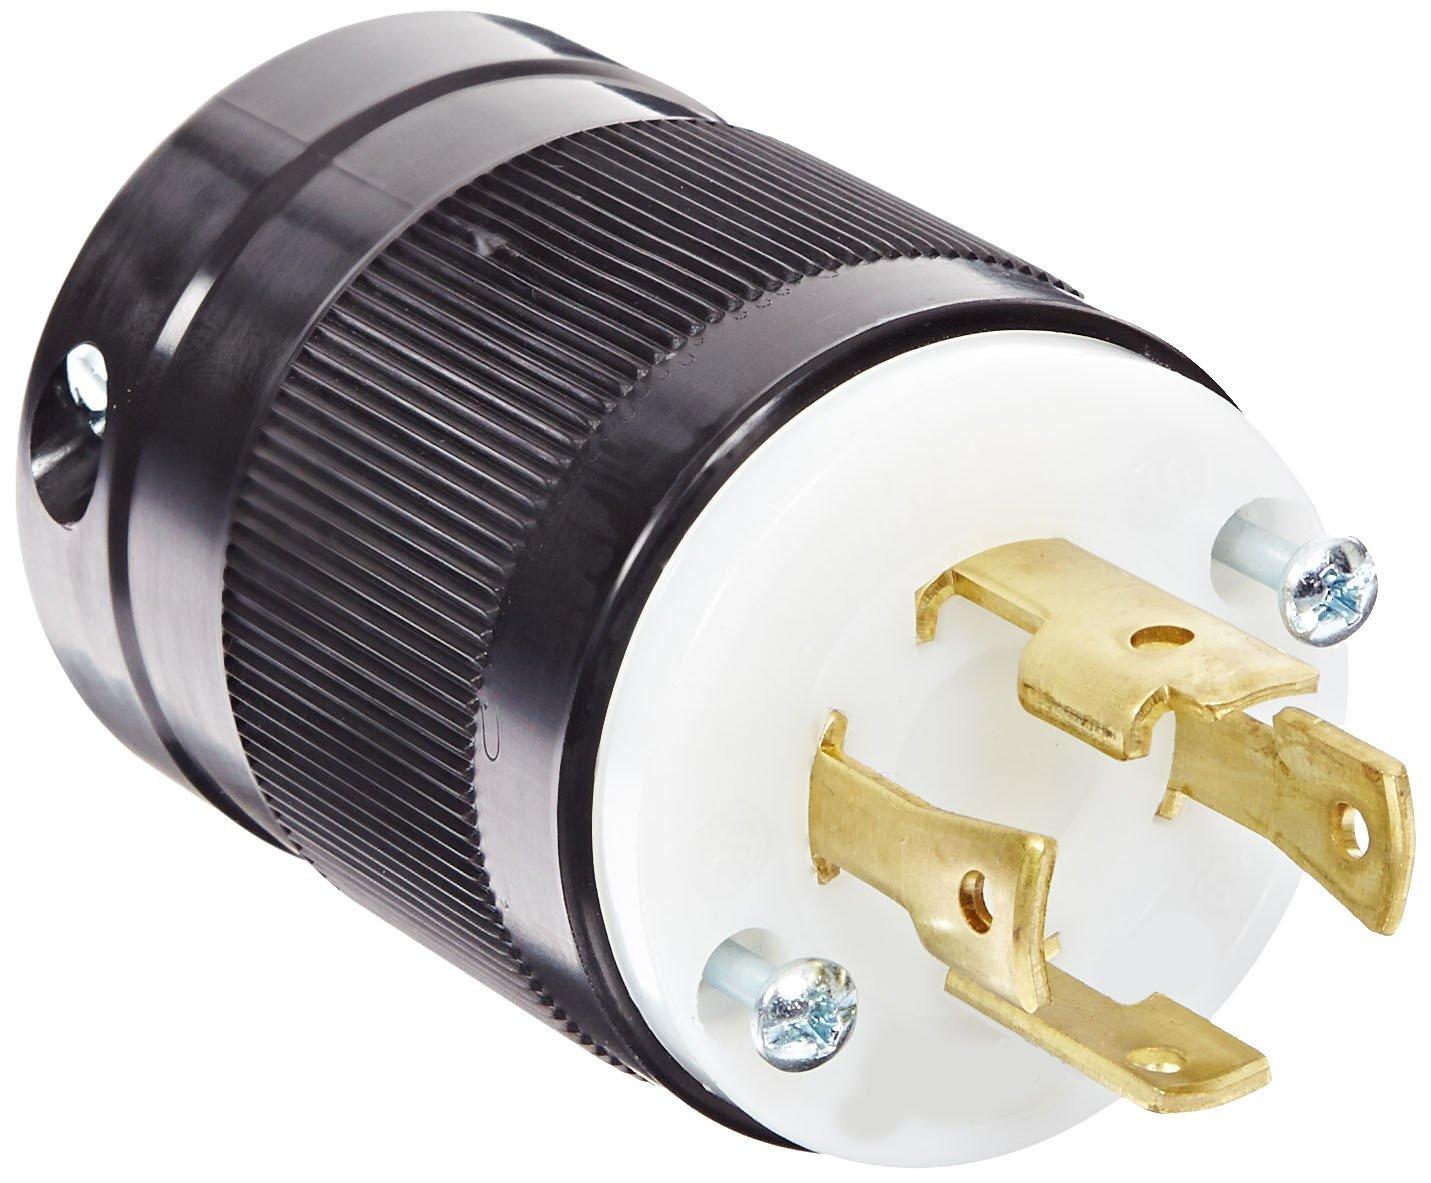 Marinco 3014P 30 Amp, 125 Volt/250 Volt, Plug, Locking